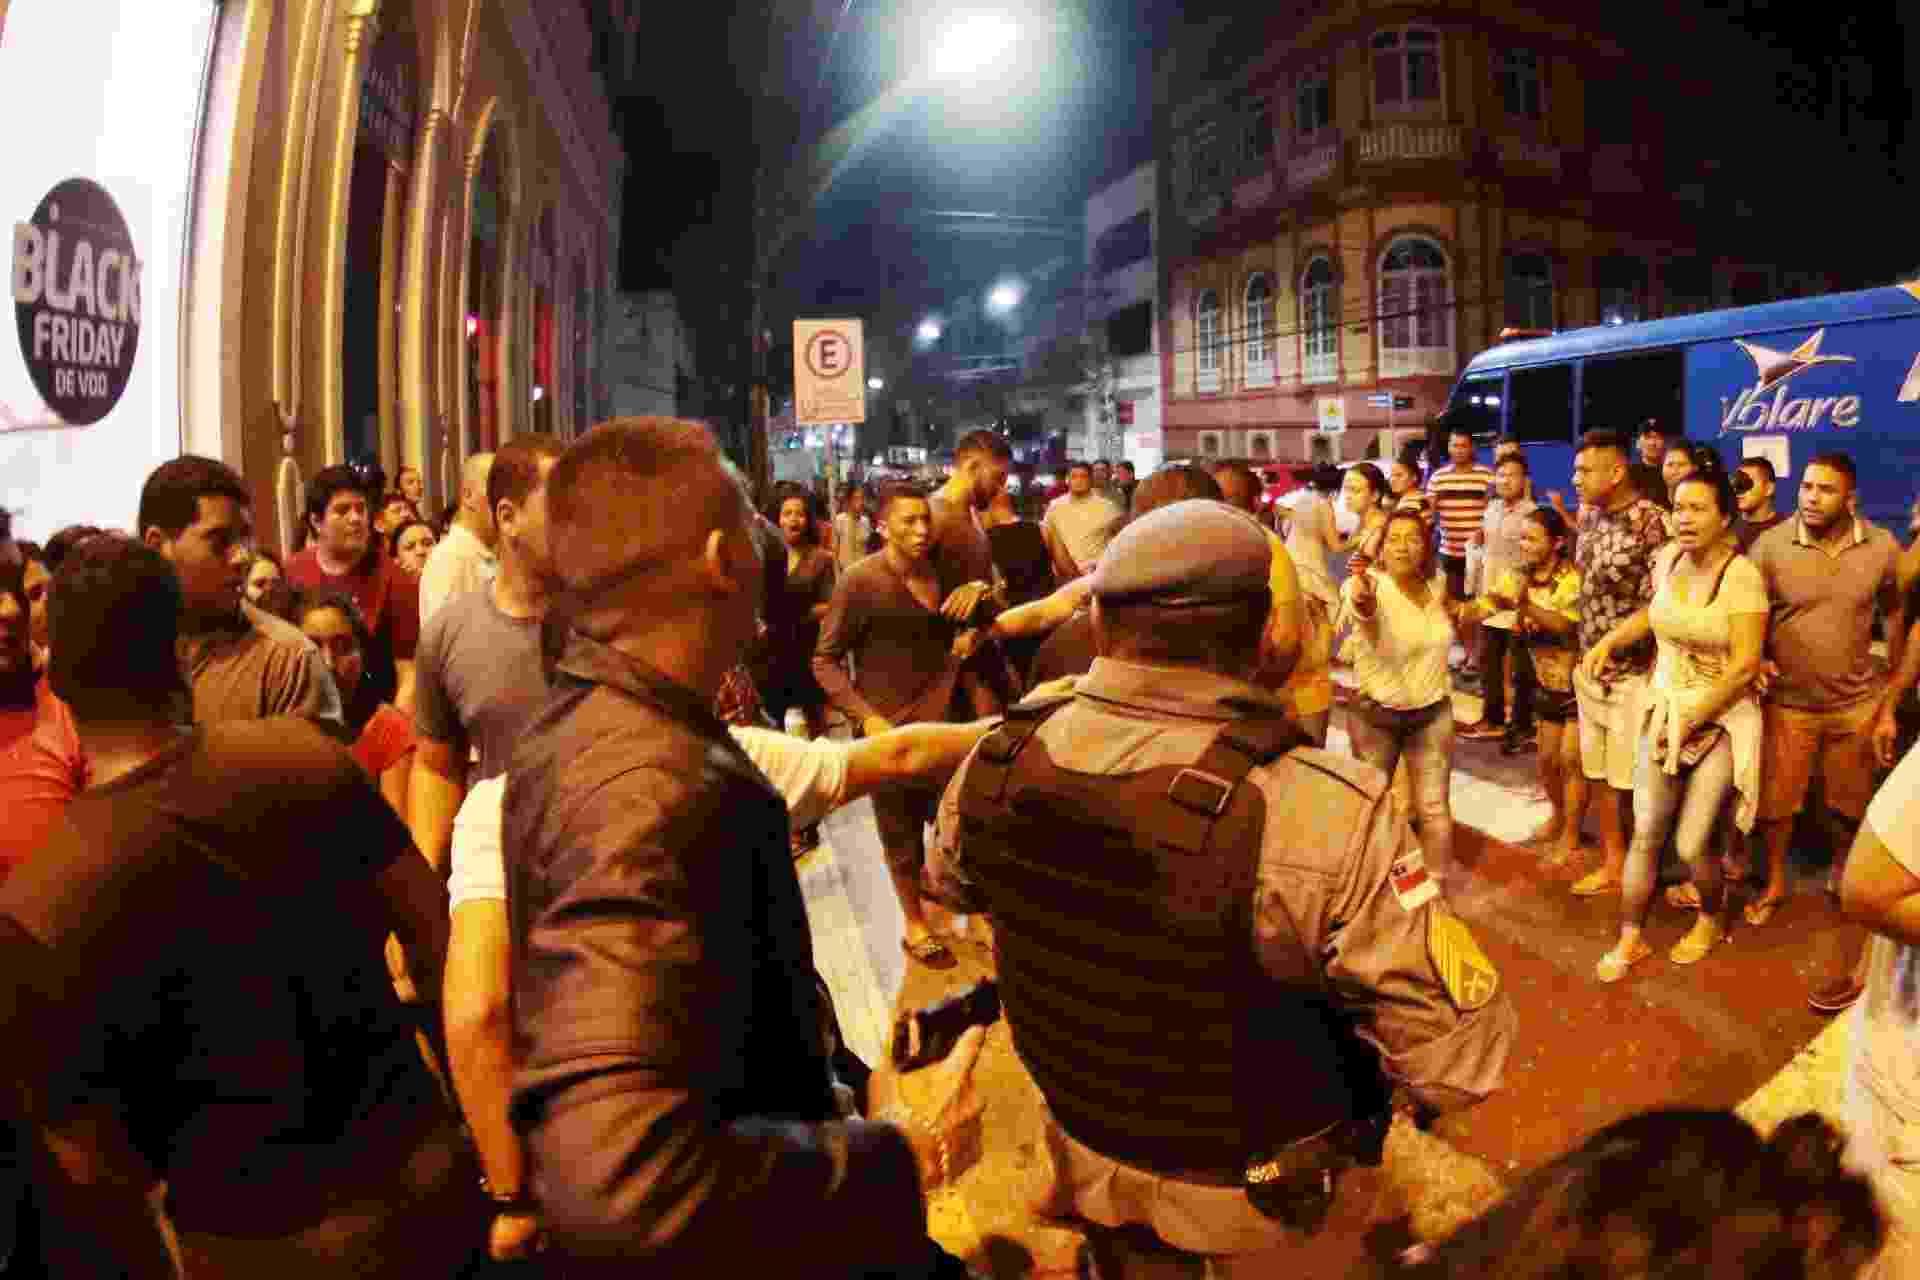 Tumulto na porta de loja de calçados no centro de Manaus (AM), na madrugada desta sexta-feira (23), durante a Black Friday. Consumidores enfrentaram longas filas para entrar na loja. O tumulto começou quando alguns tentaram furar a fila. Um tiro foi disparado para o alto durante a confusão. A Polícia Militar estava no local, mas não conseguiu efetuar a prisão do atirador - Edmar Barros/Futura Press/Estadão Conteúdo